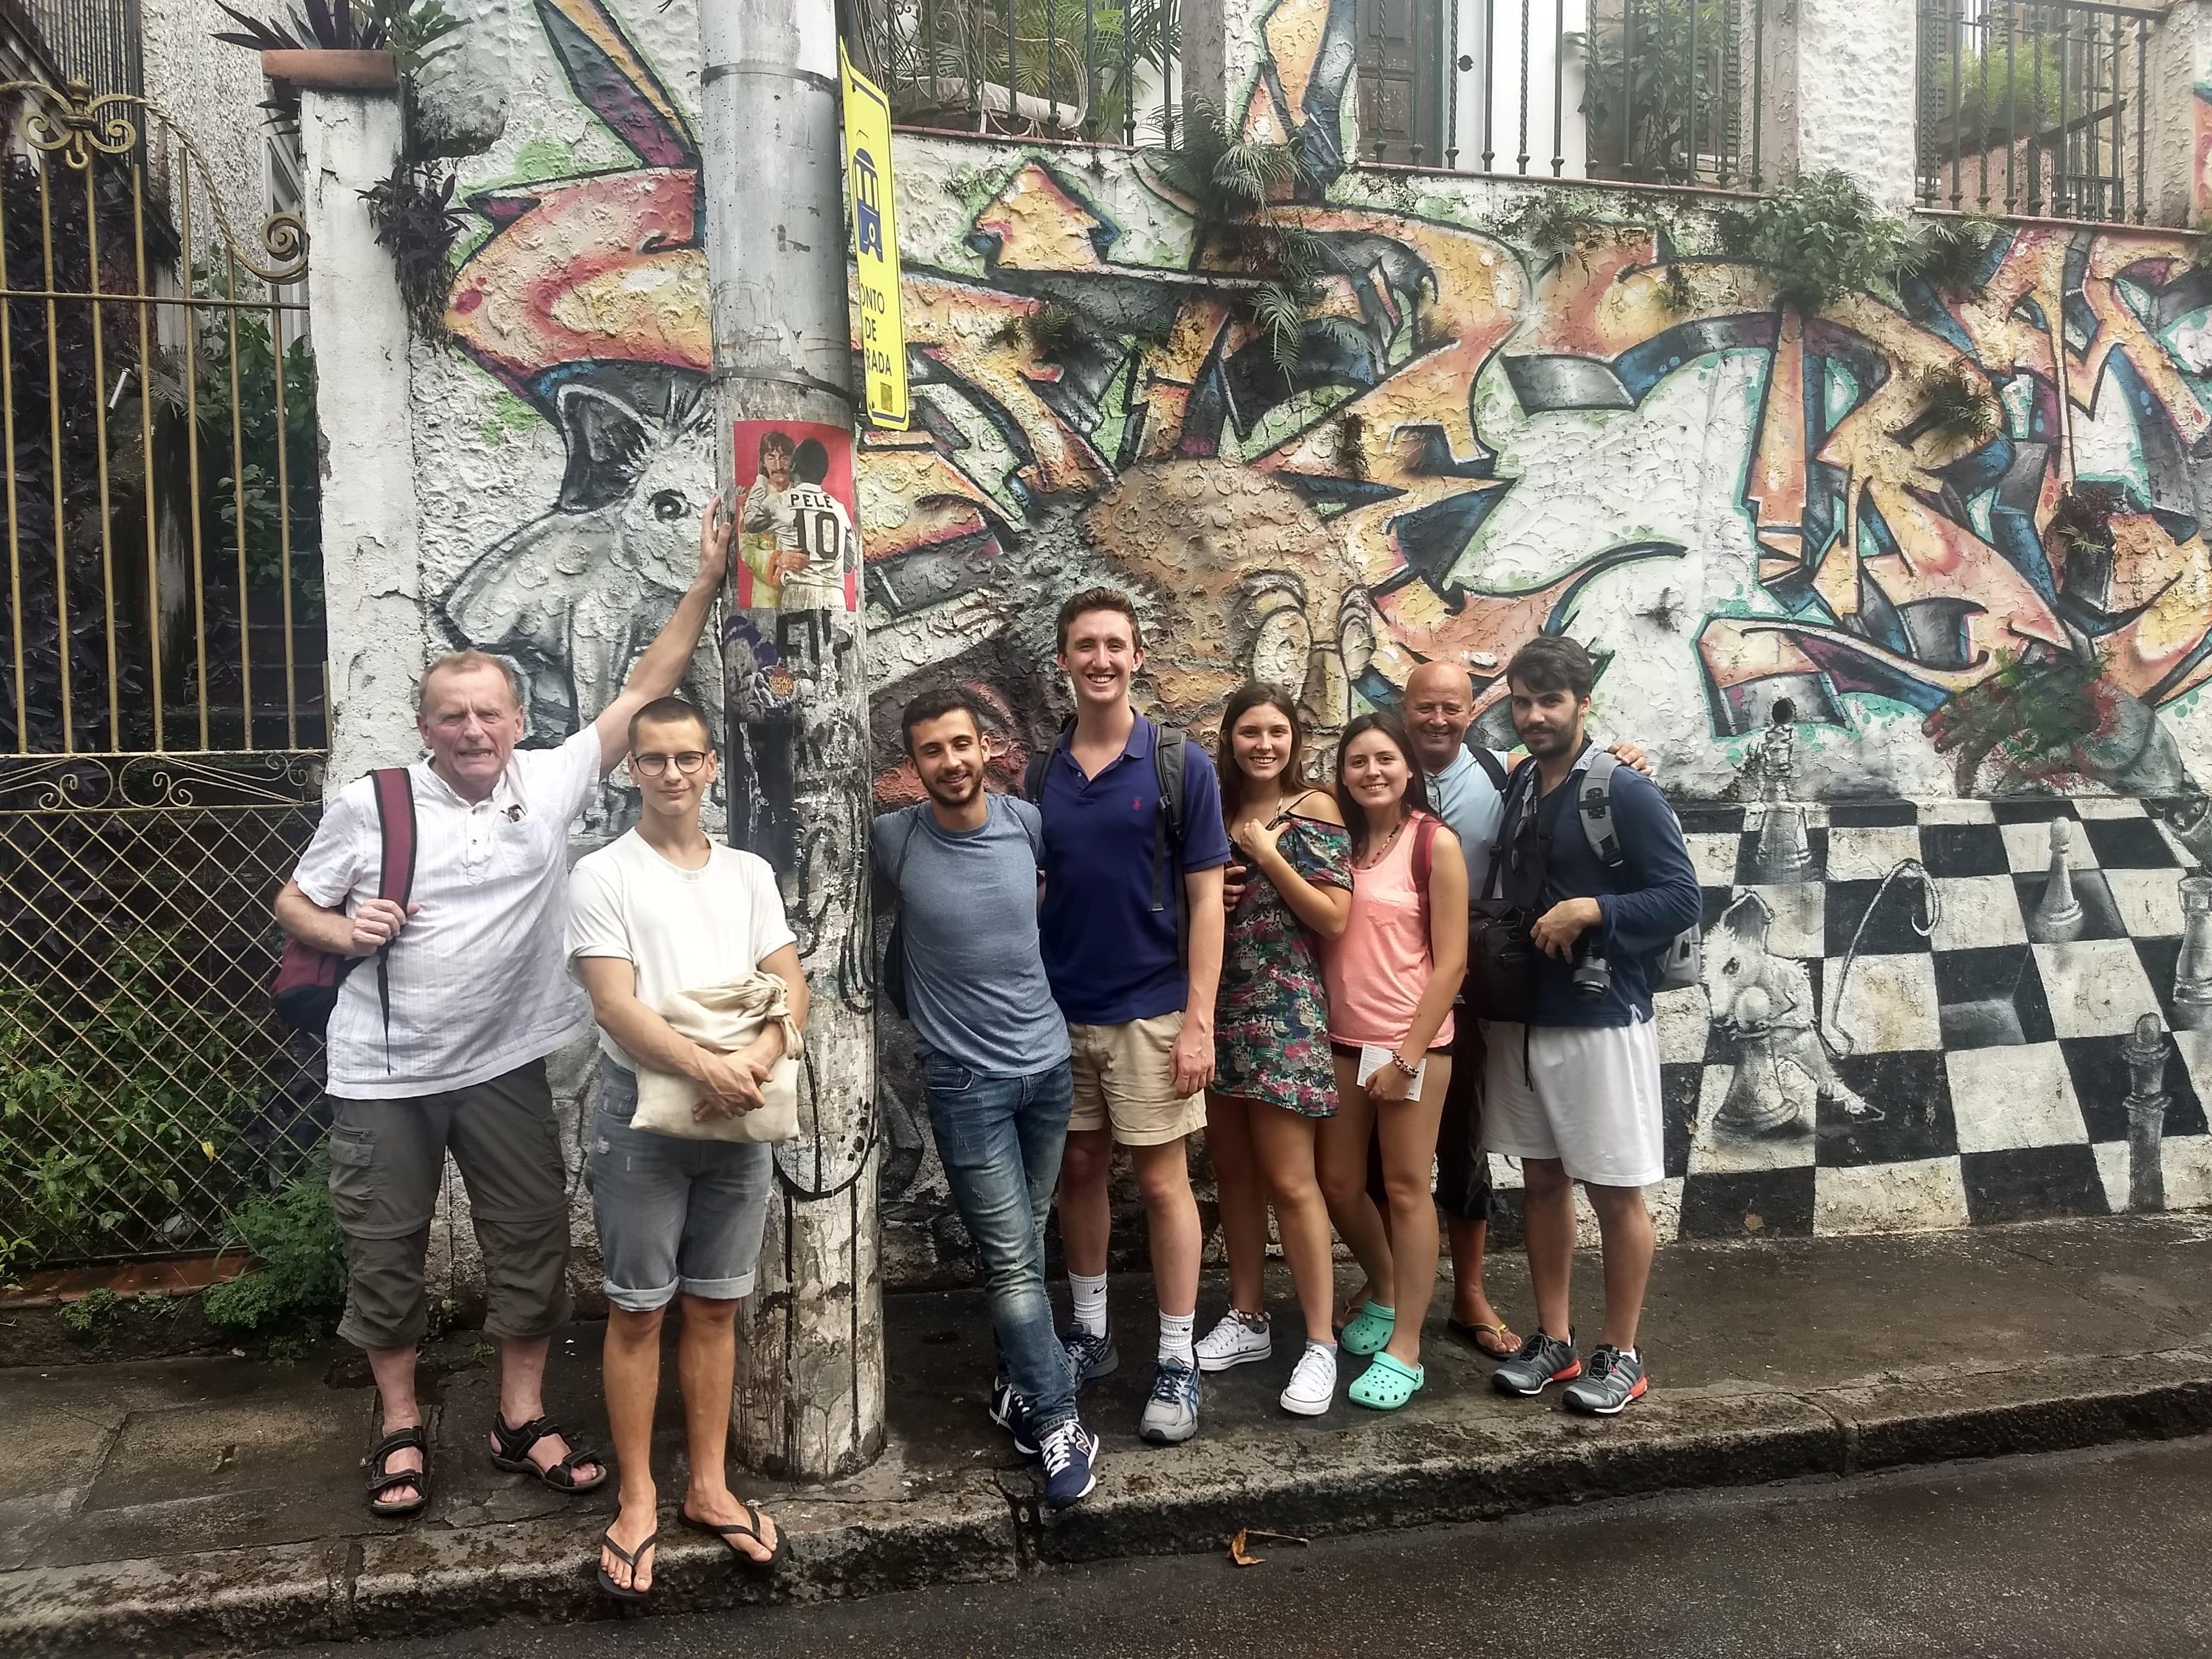 Santa Teresa - O bairro tradicional e boêmio do Rio de Janeiro - RioLIVE! Activities